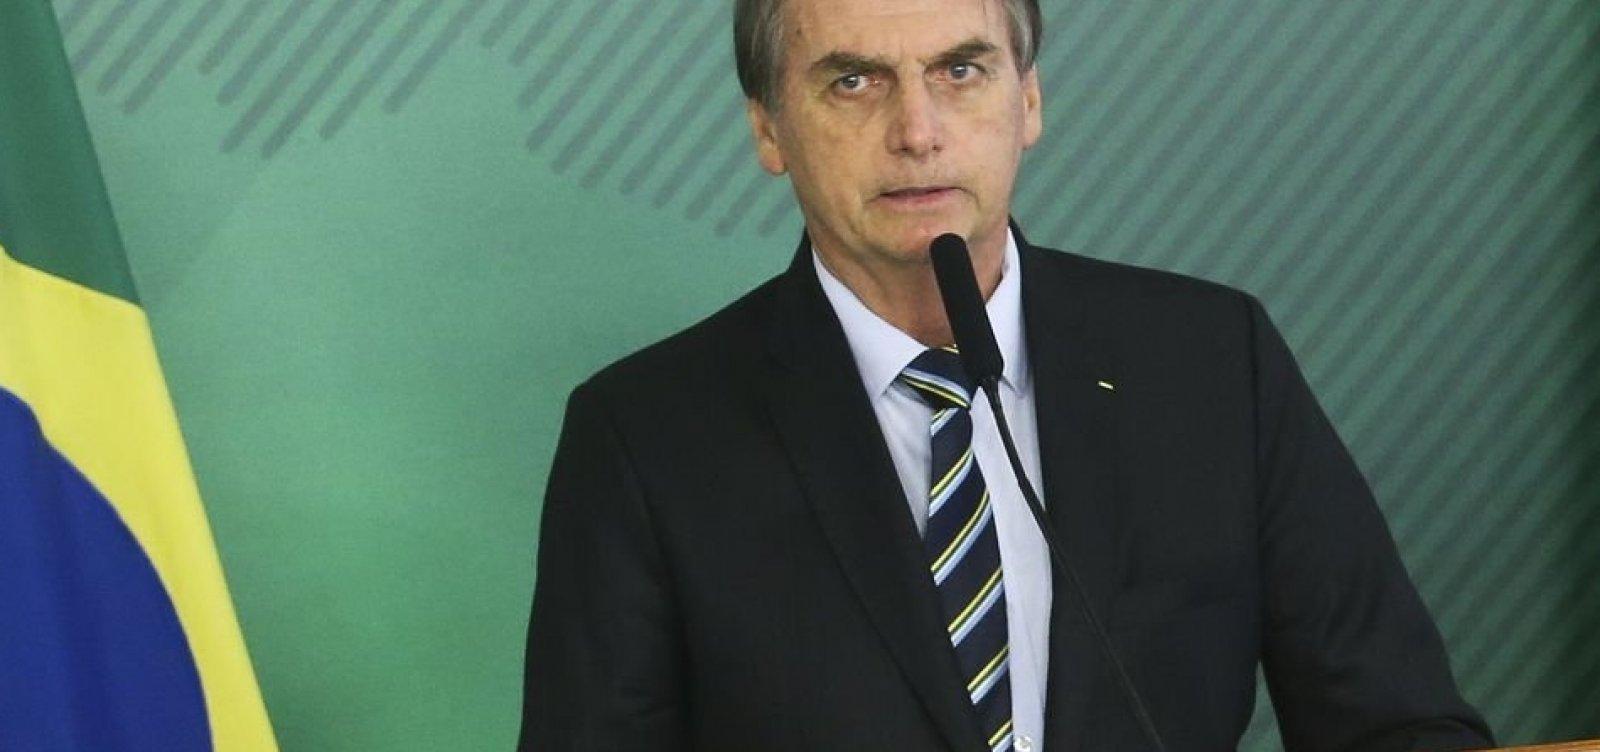 [Reativados, grupos de WhatsApp pró-Bolsonaro defendem Previdência e atacam STF]